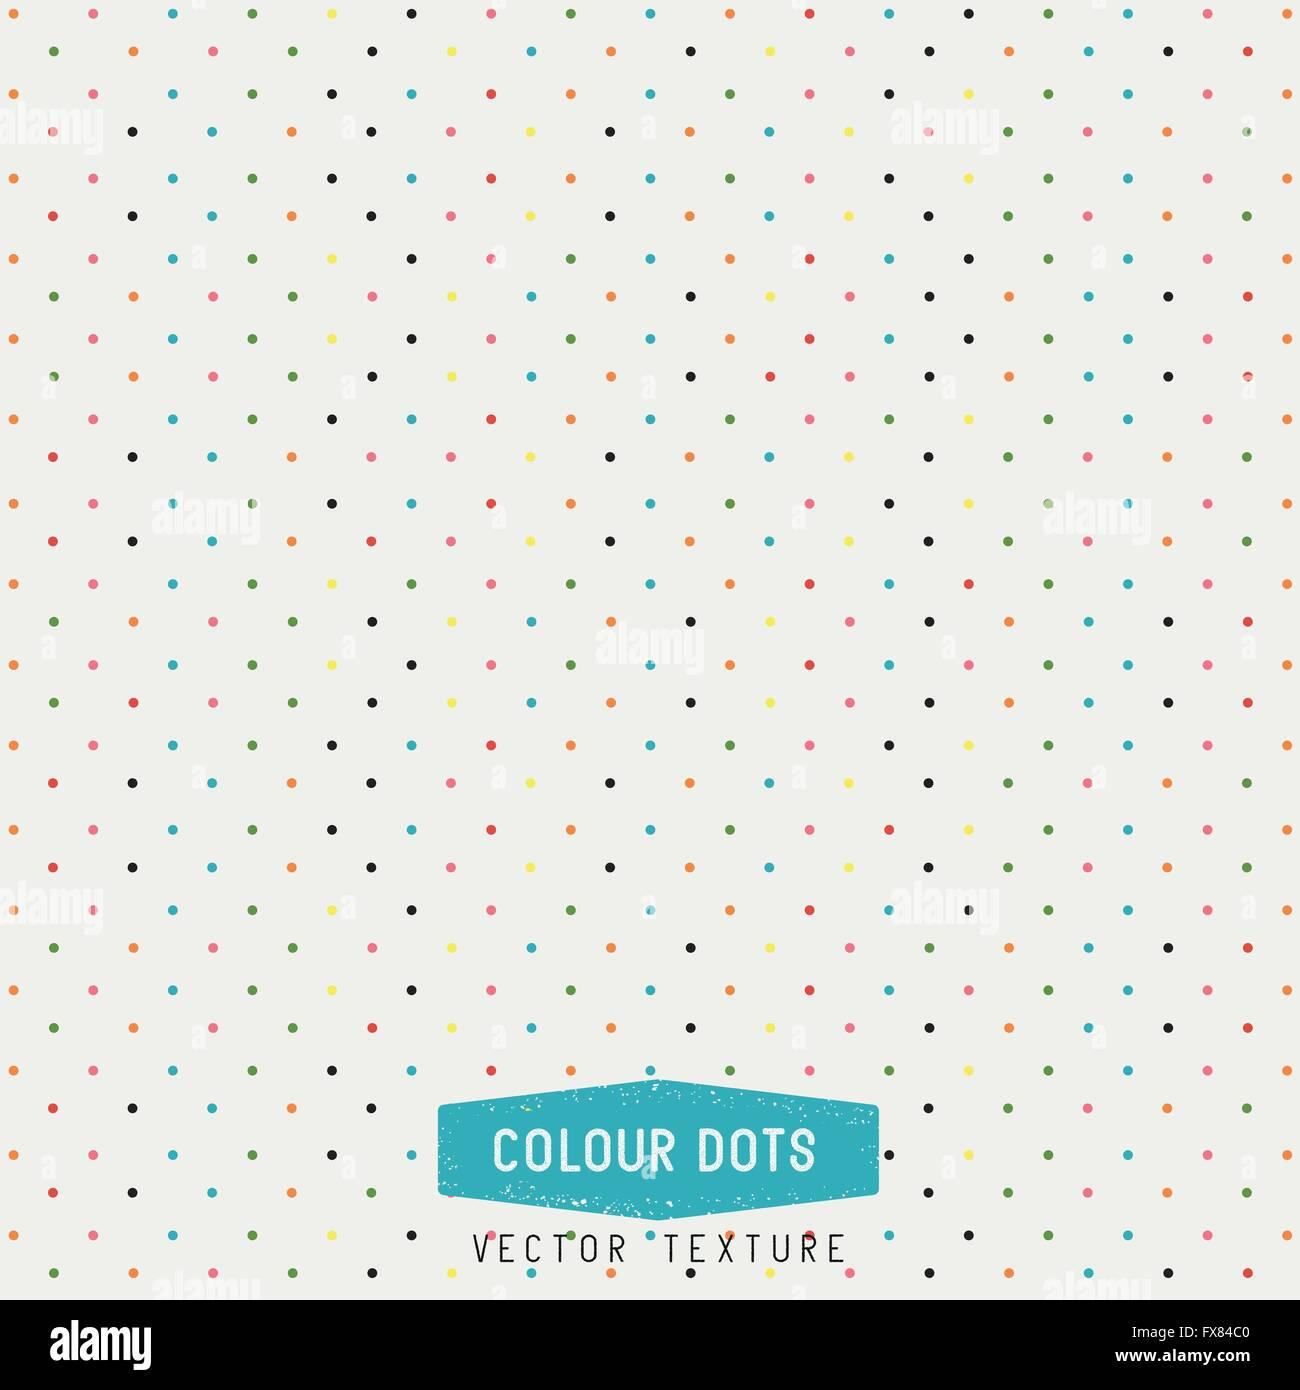 Bunte Punkte Vektor Textur. Punkte-Hintergrund. Vektor-Illustration. Hand hergestellt. Stockbild